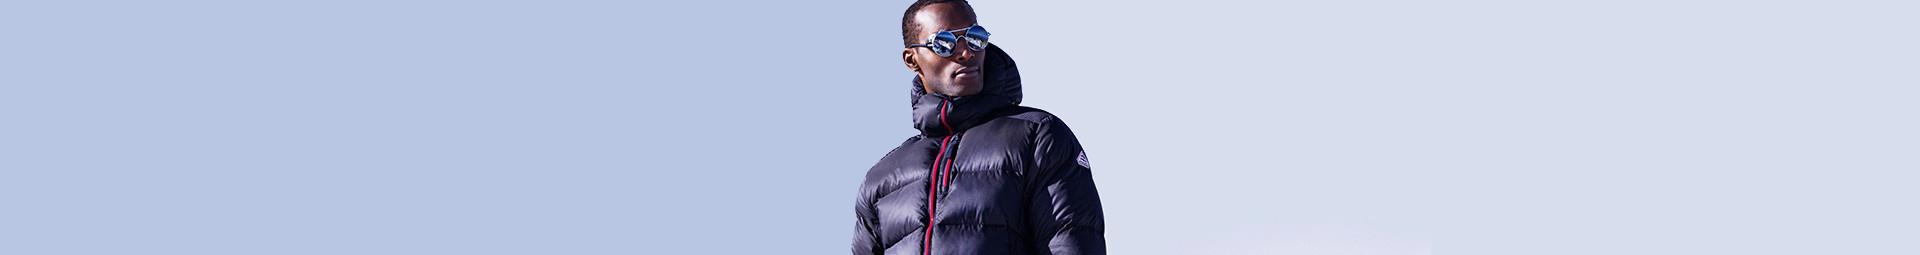 Pyrenex veste de ski homme résistante grand froid en montagne et ville